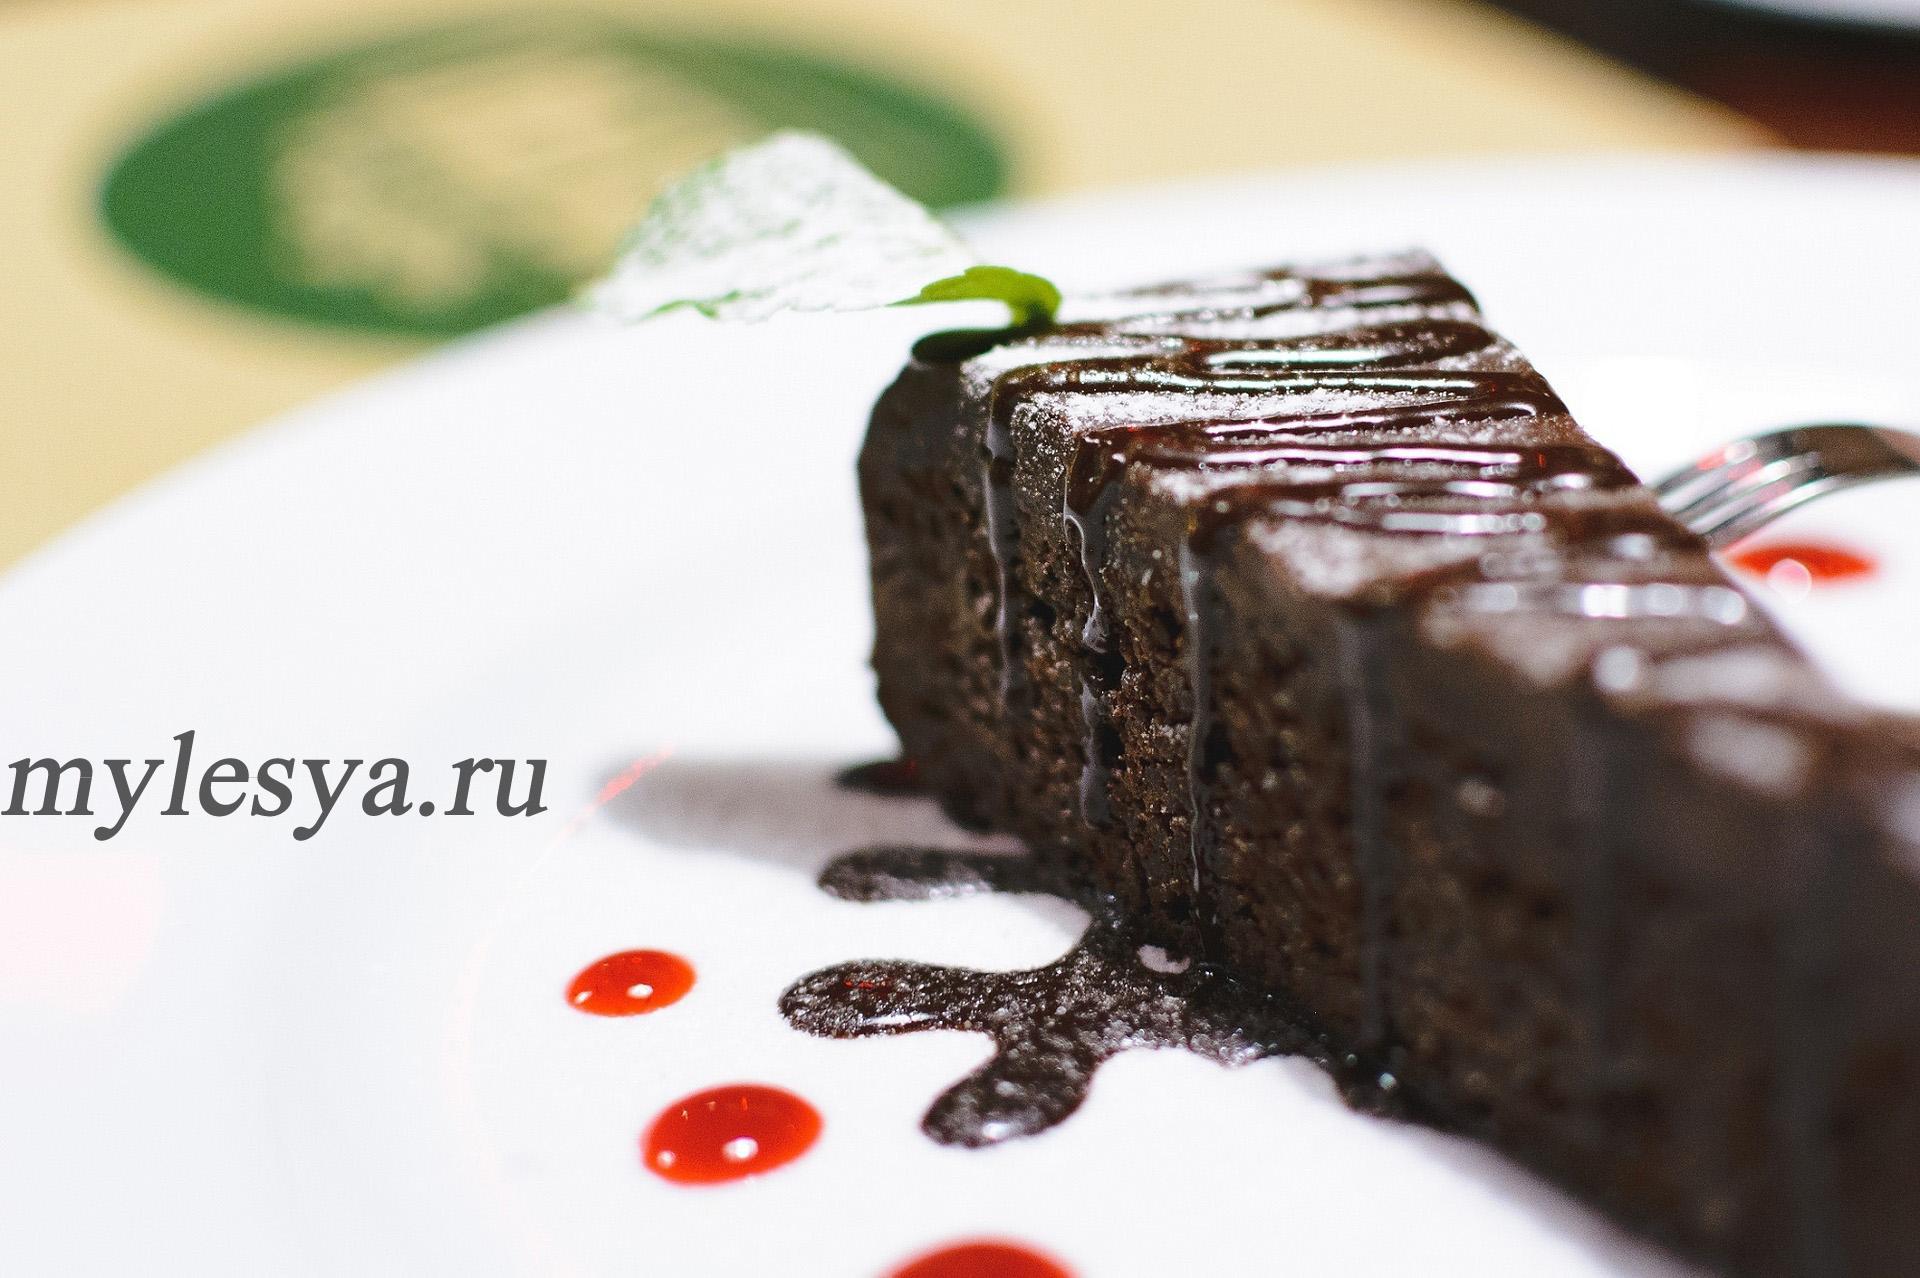 Шоколадная глазурь для торта из какао: пошаговые рецепты приготовления с разными ингредиентами   фото и видео